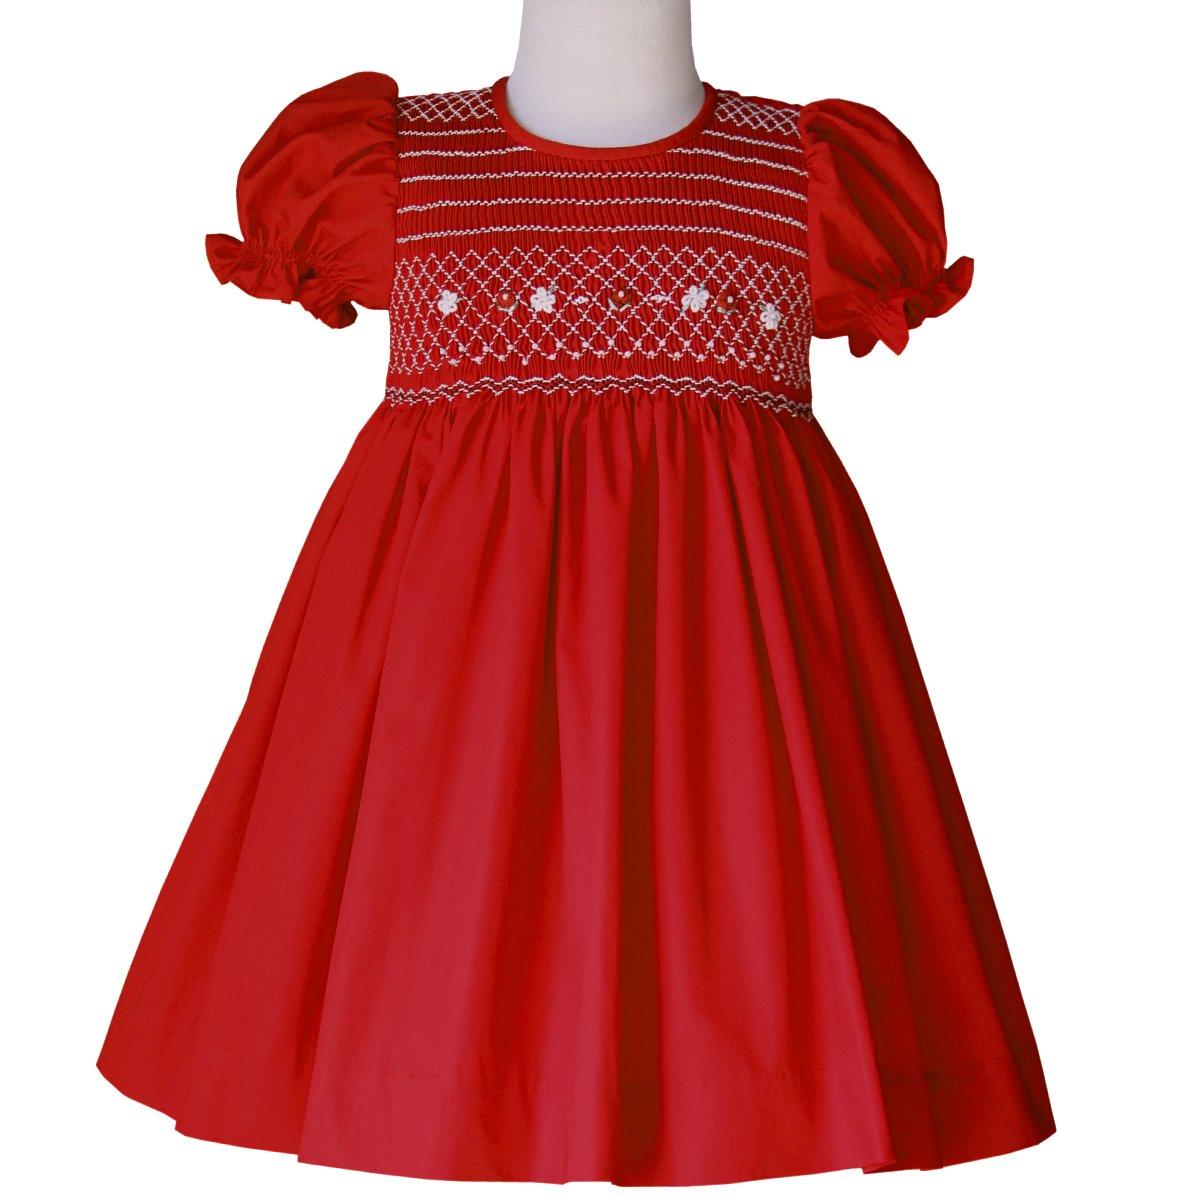 Smocked Christmas Dresses